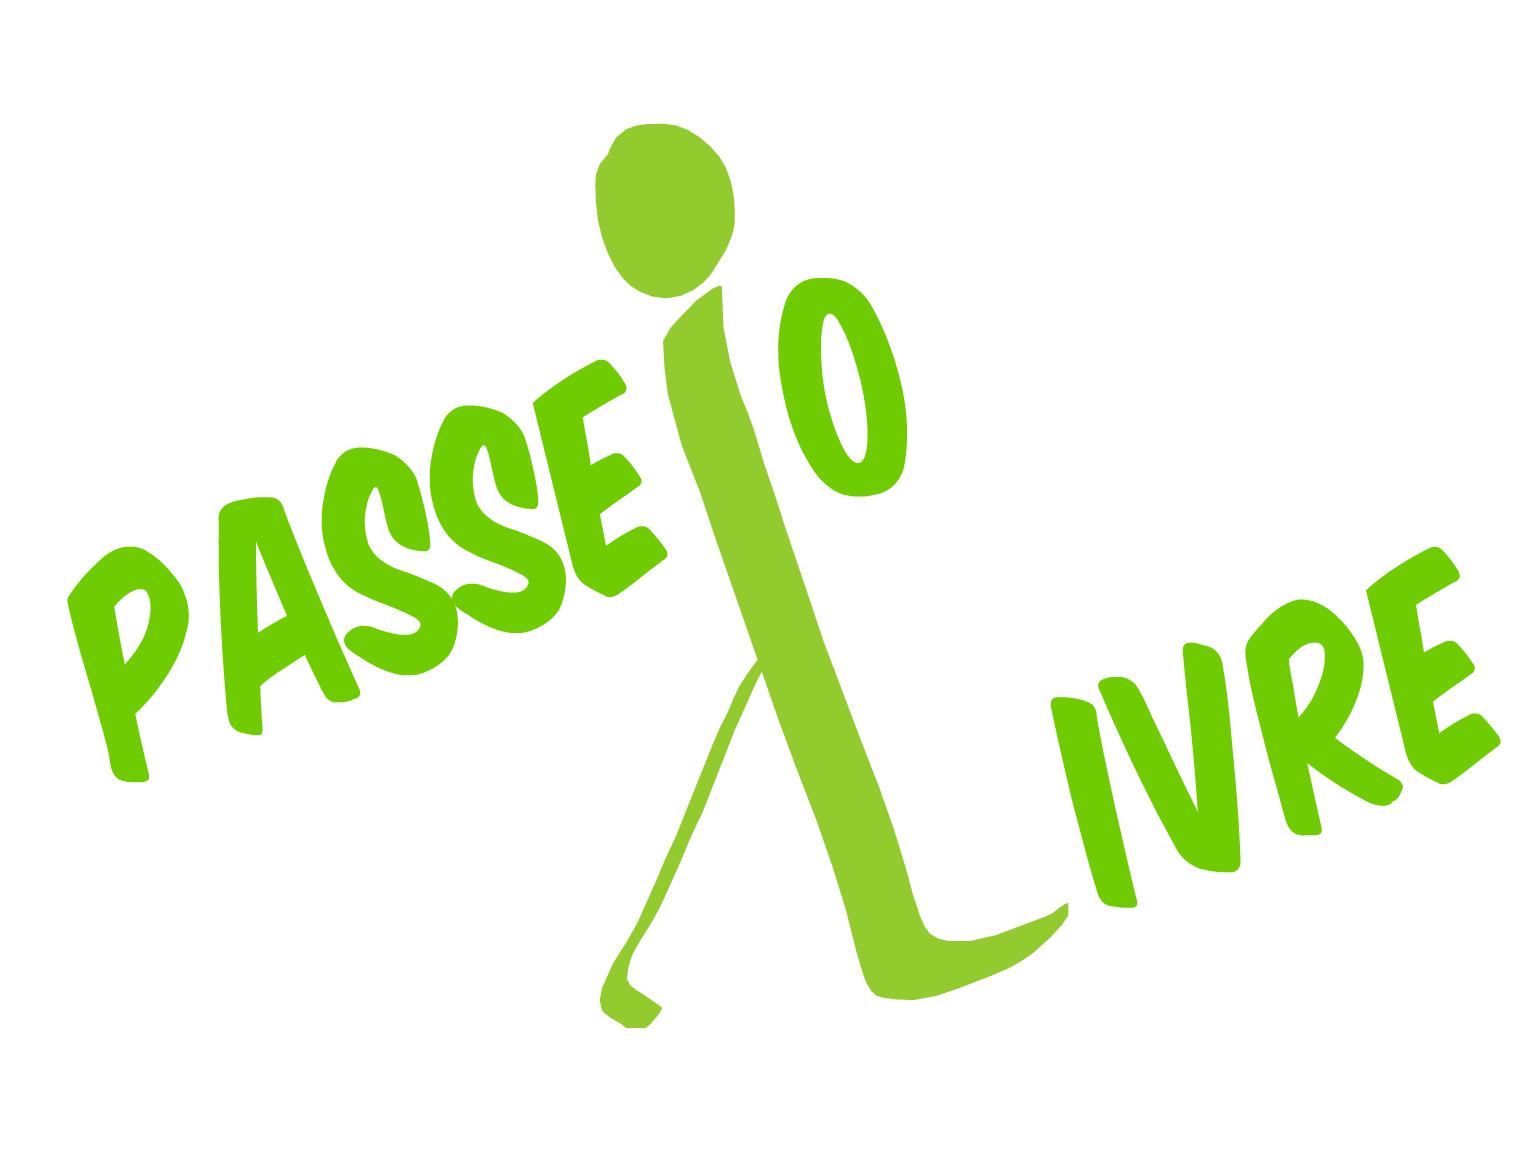 logo-verde_transparente